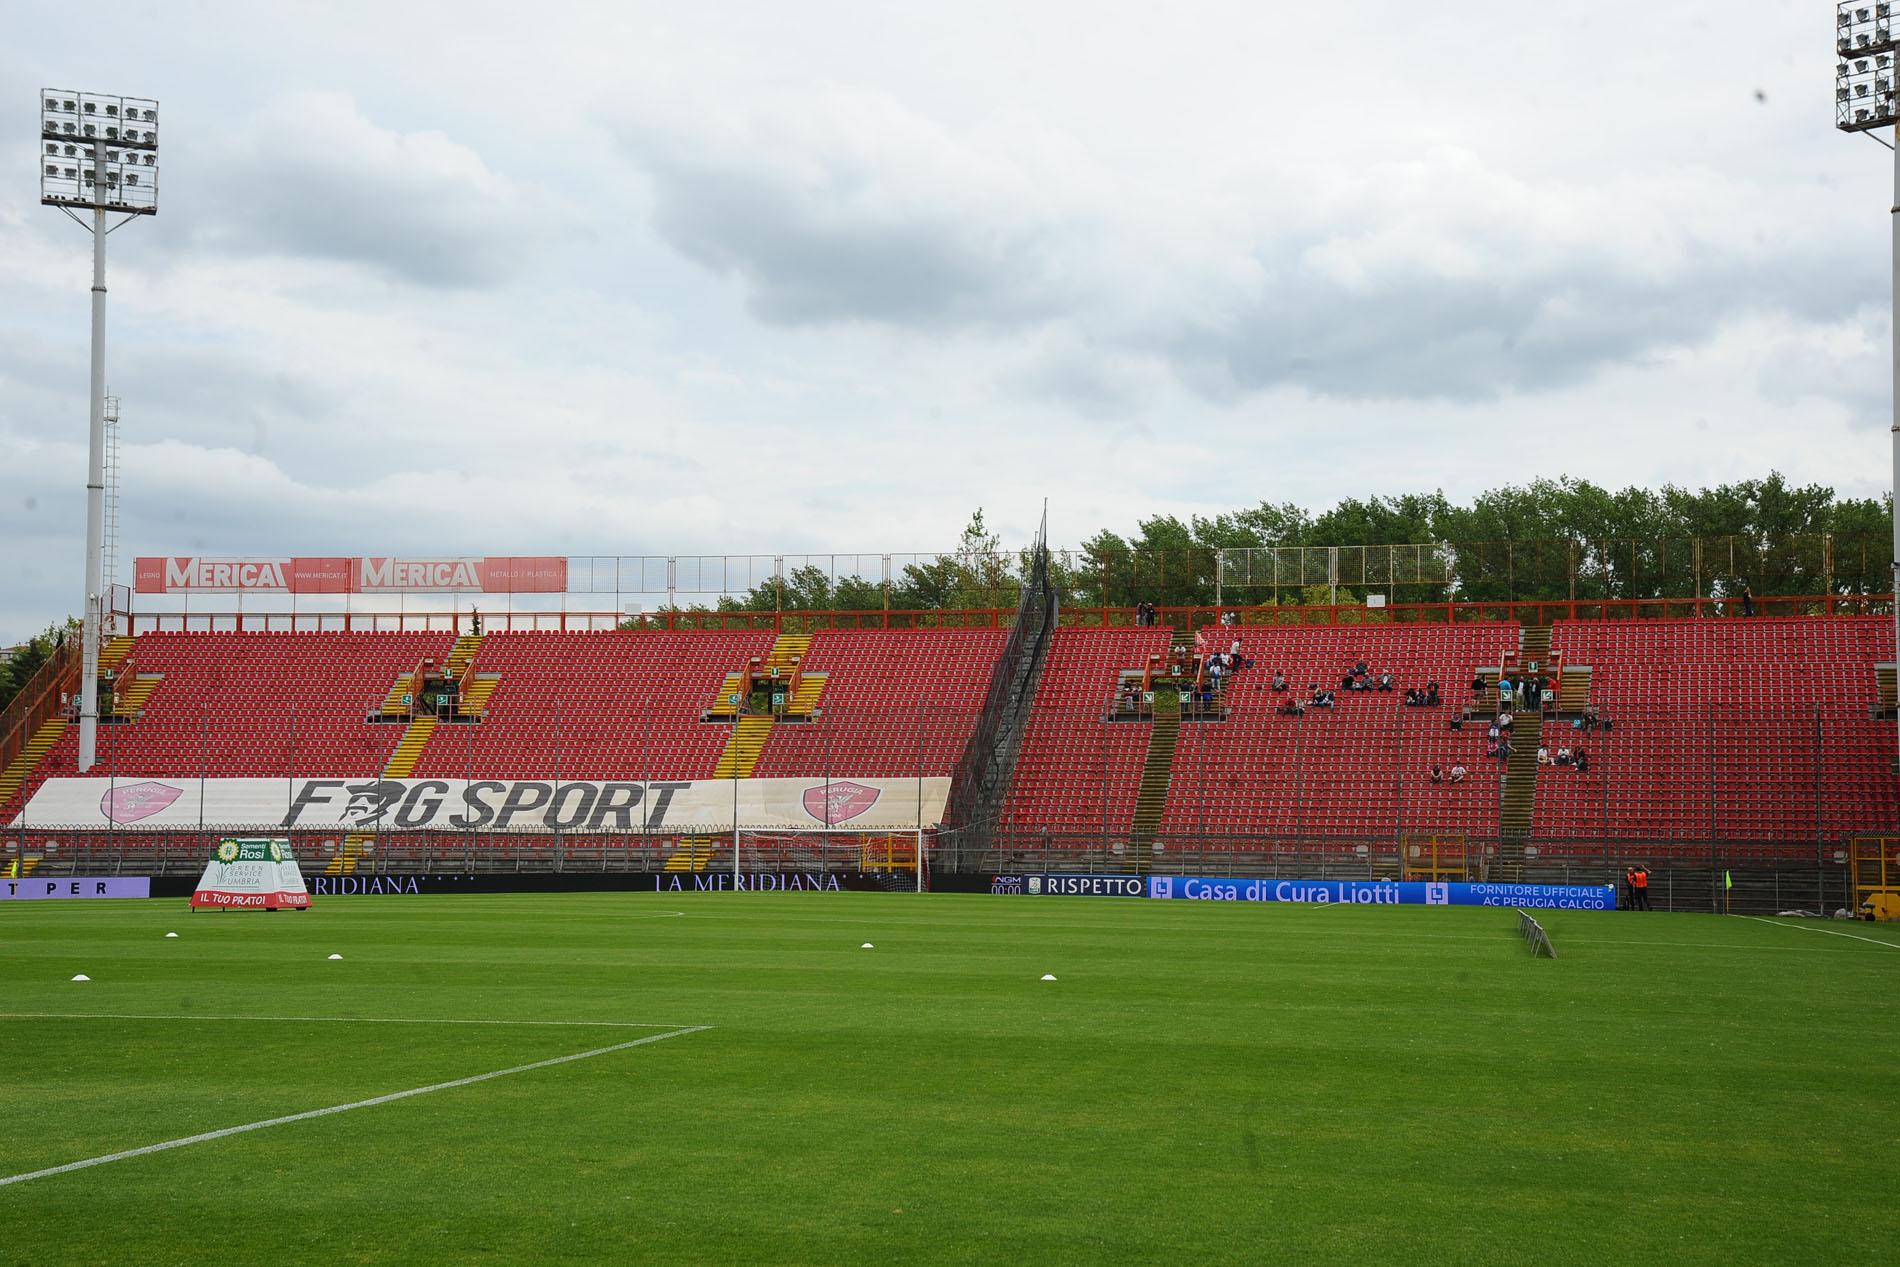 Calendario Alia Prato.Grifo E Stadio Curi C E Un Prato In Sofferenza Ecco